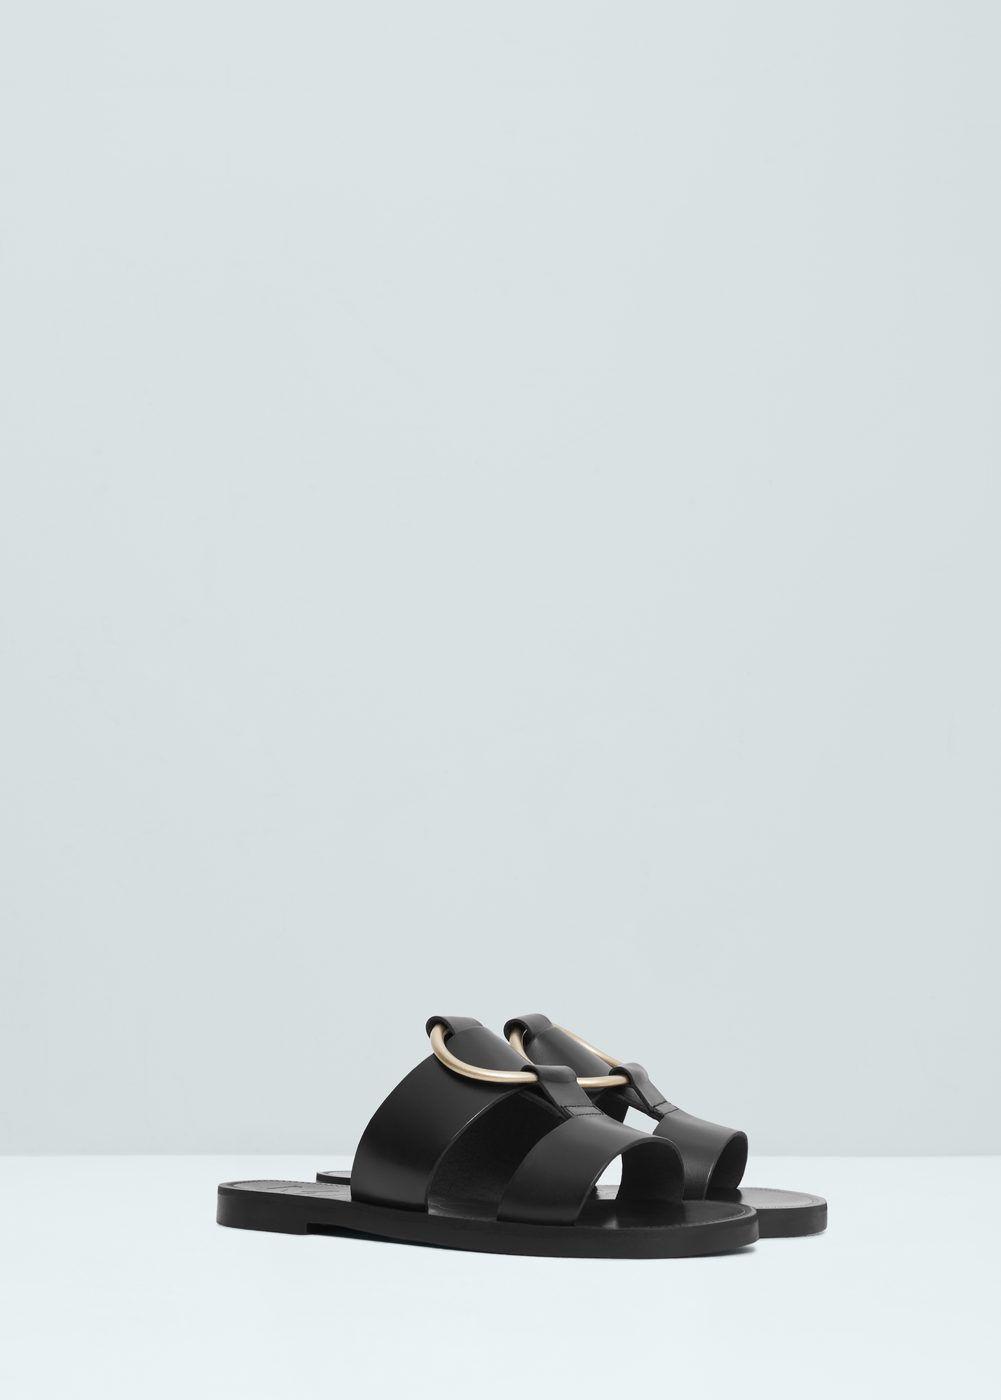 Appliqué leather sandals - Shoes for Women | MANGO USA